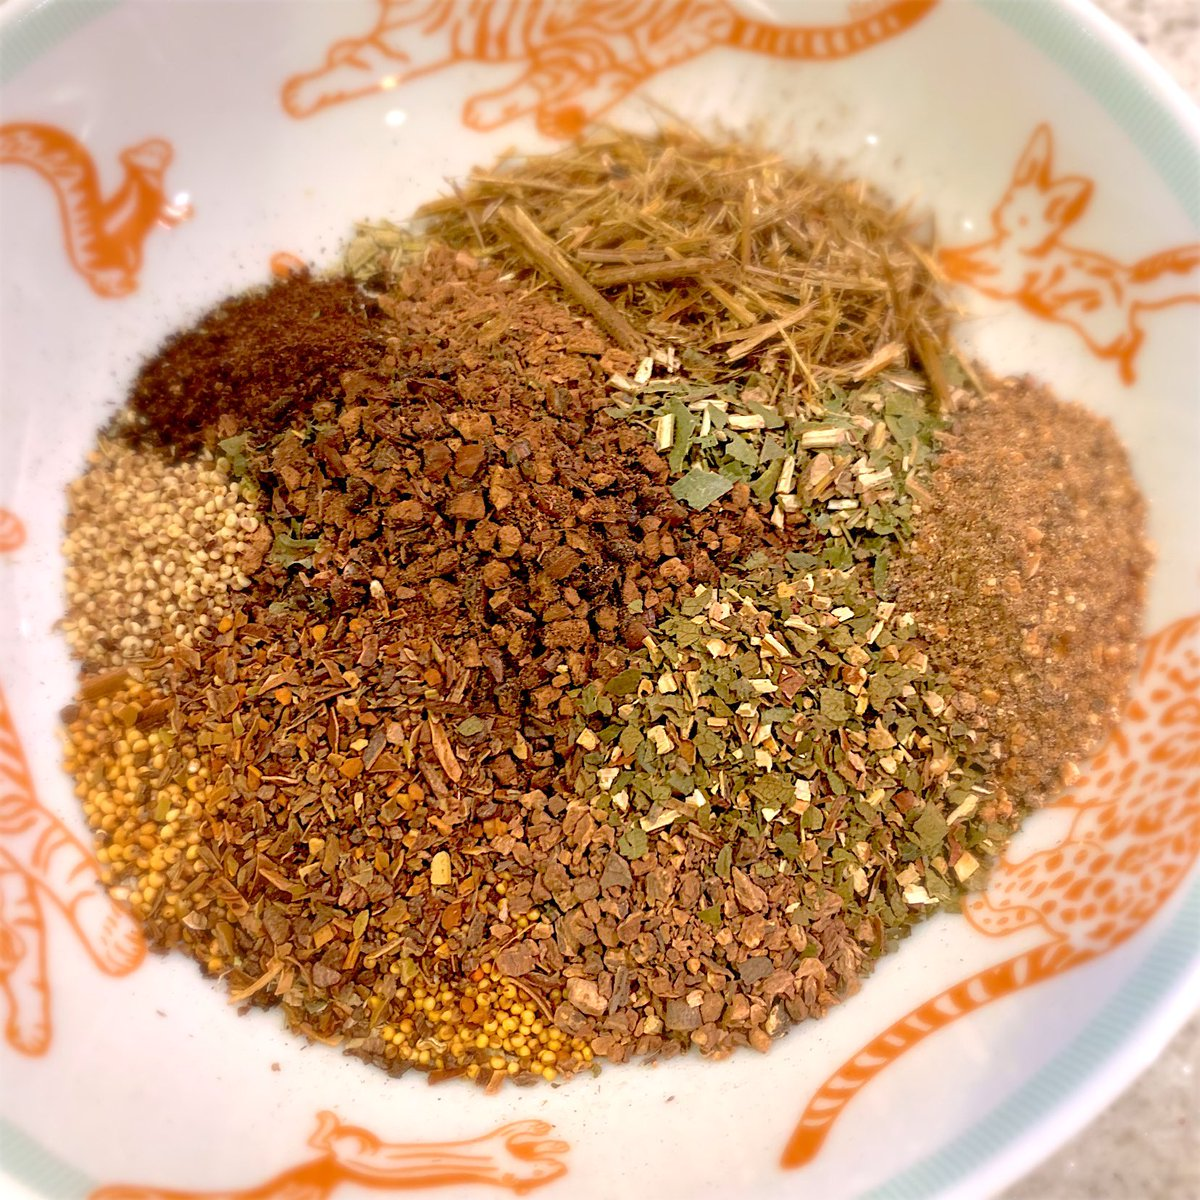 夜な夜なお茶の葉を配合している。店で無料で提供する予定。 20種類、全て国産無農薬の茶葉を使用。ノンカフェイン。